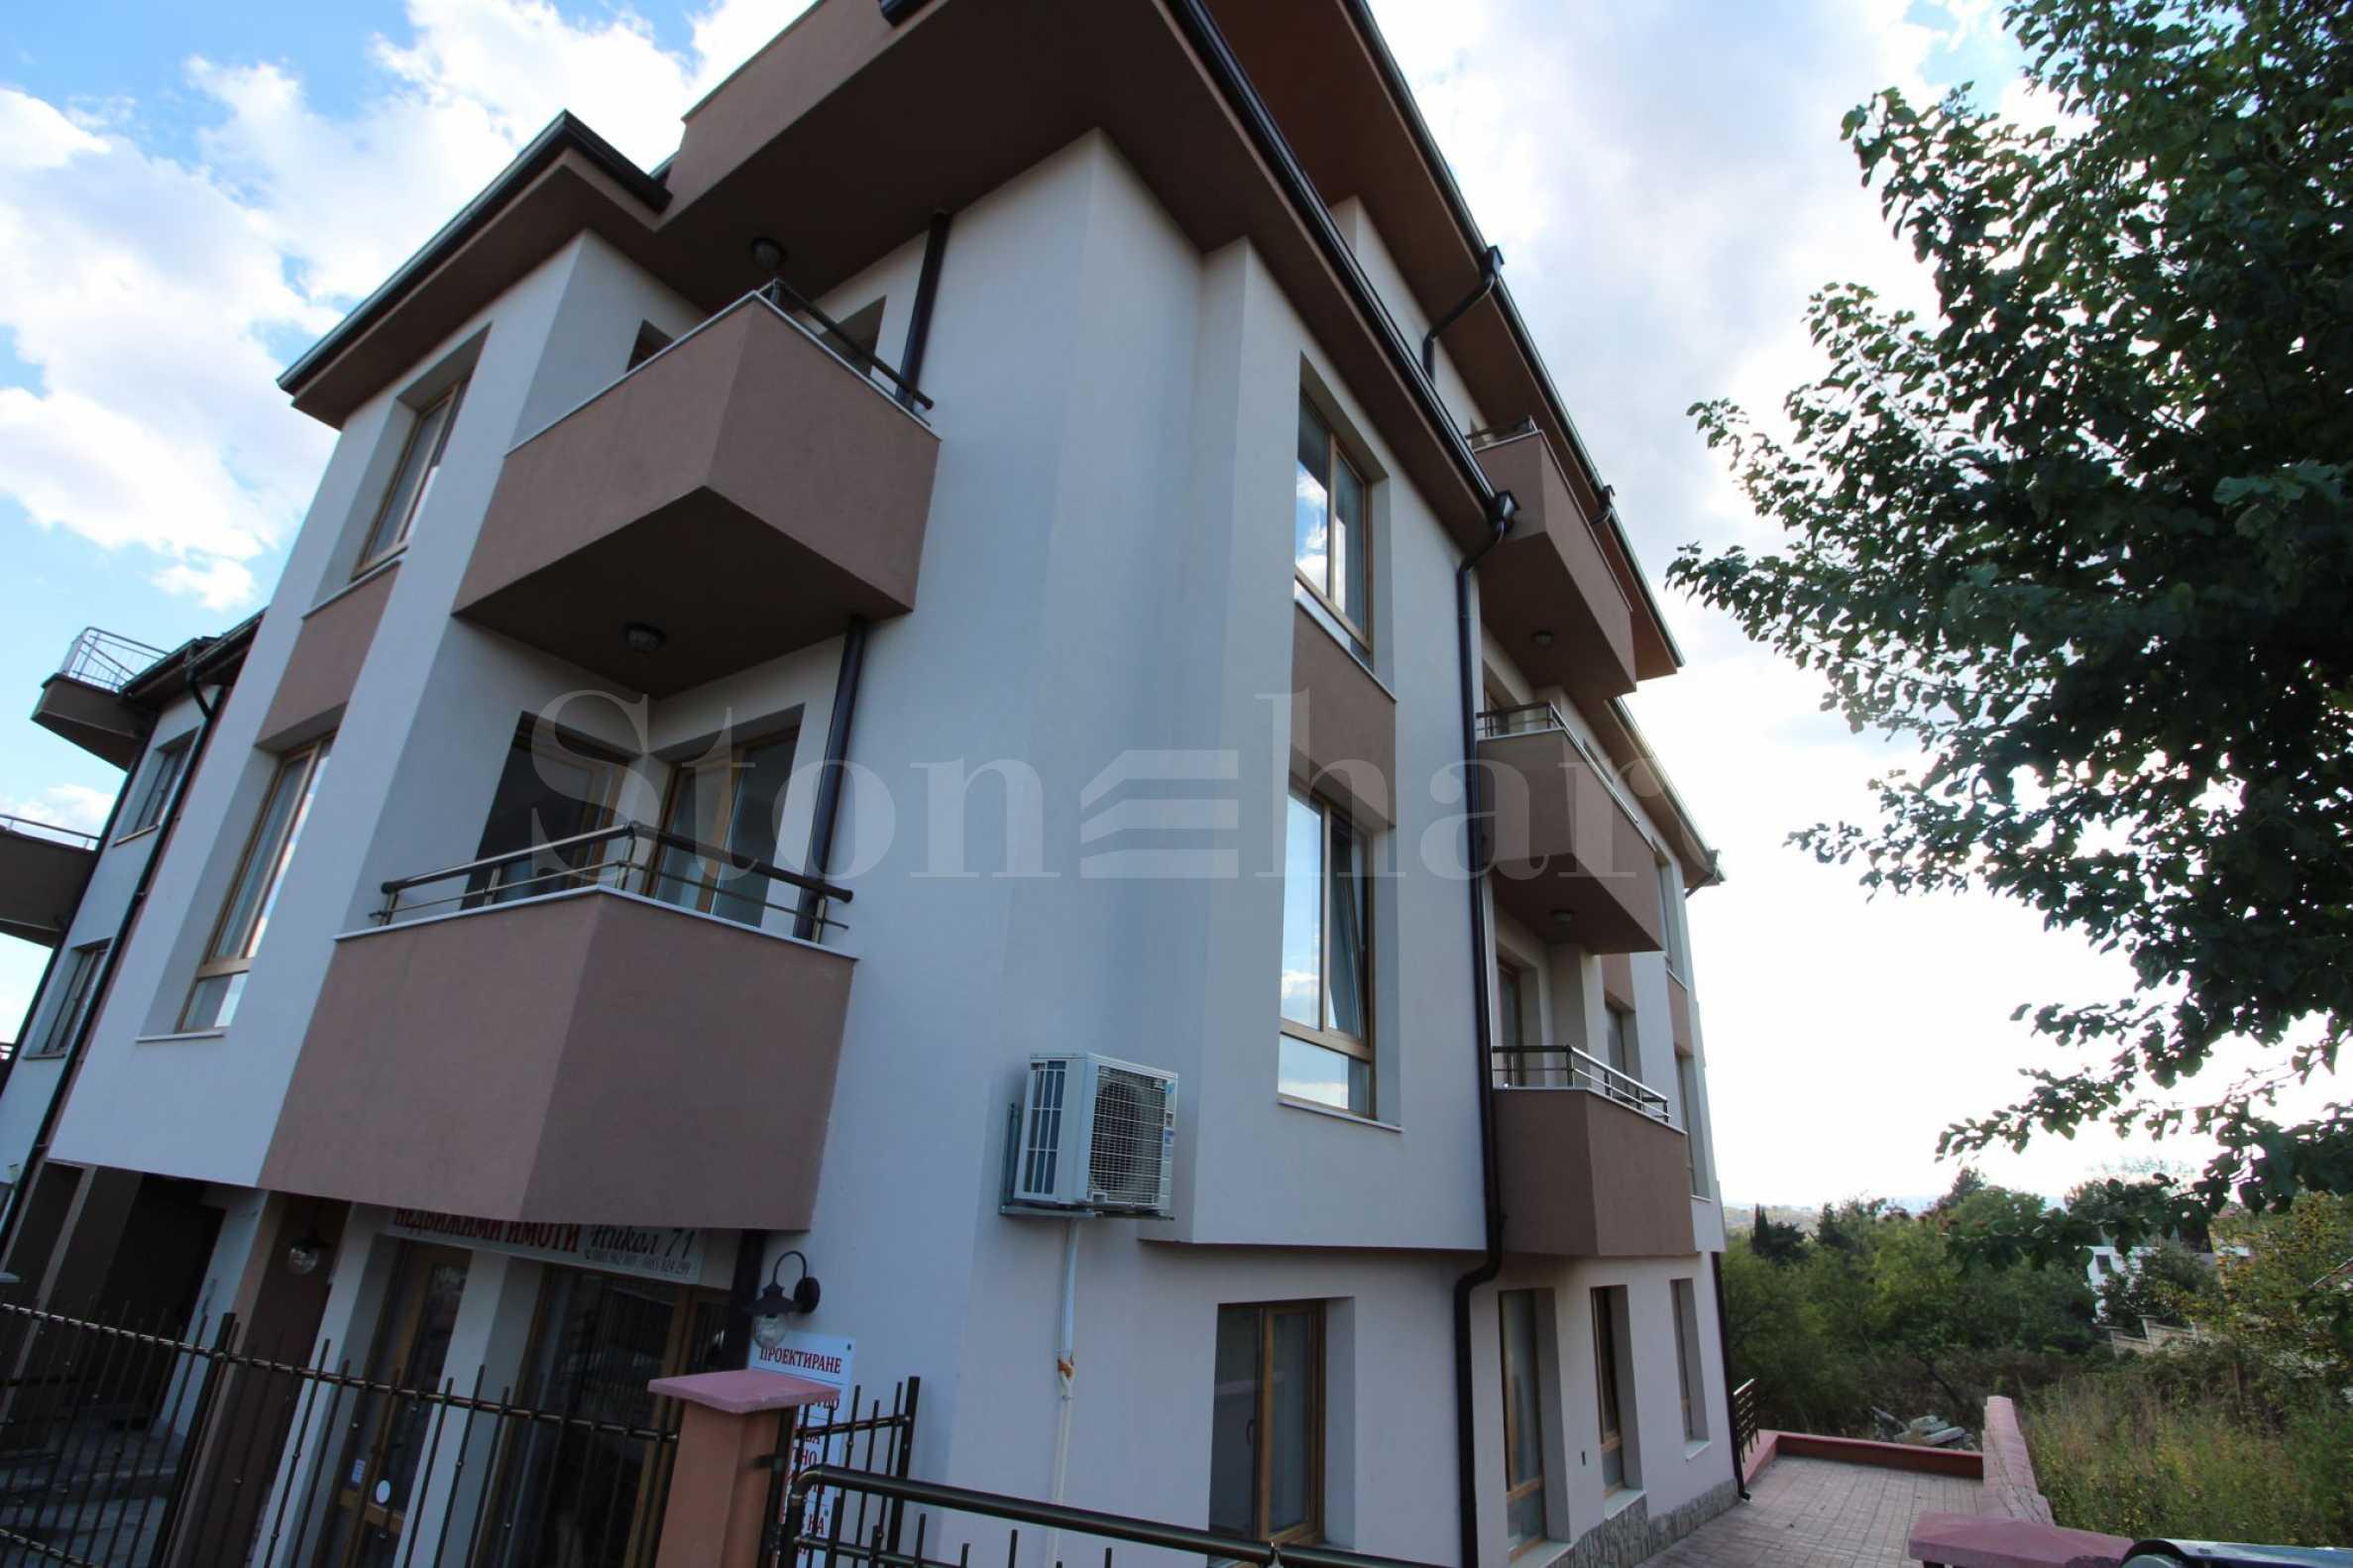 1-bedroom apartment in Tsarevo1 - Stonehard